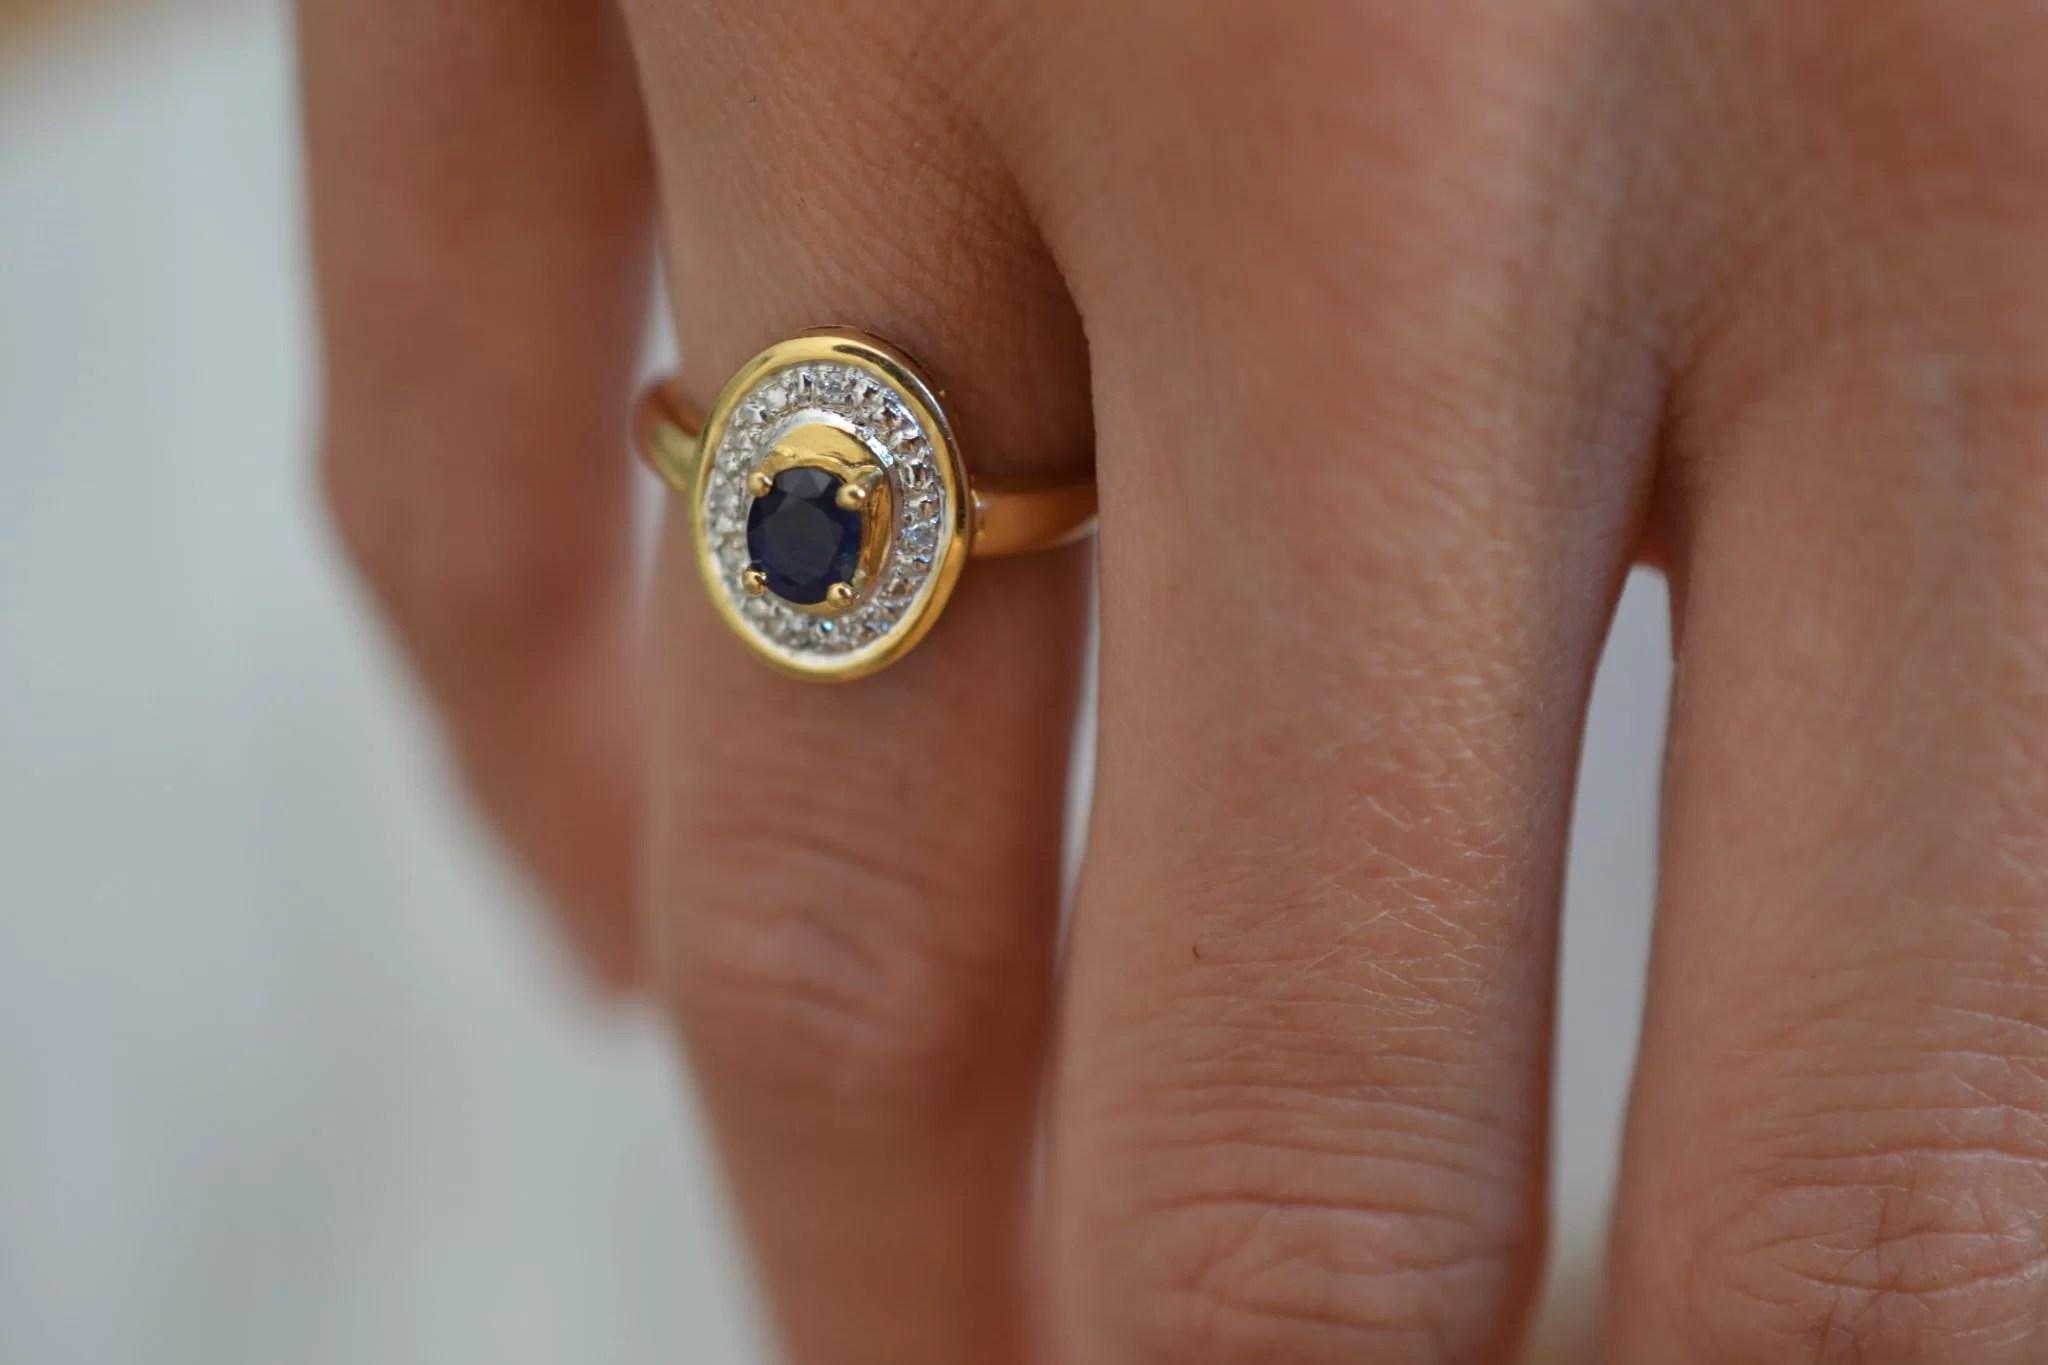 Bague saphir et 4 diamants, en Or jaune 18 carats, 750:1000 - Bijoux anciens - bague de fiançailles vintage